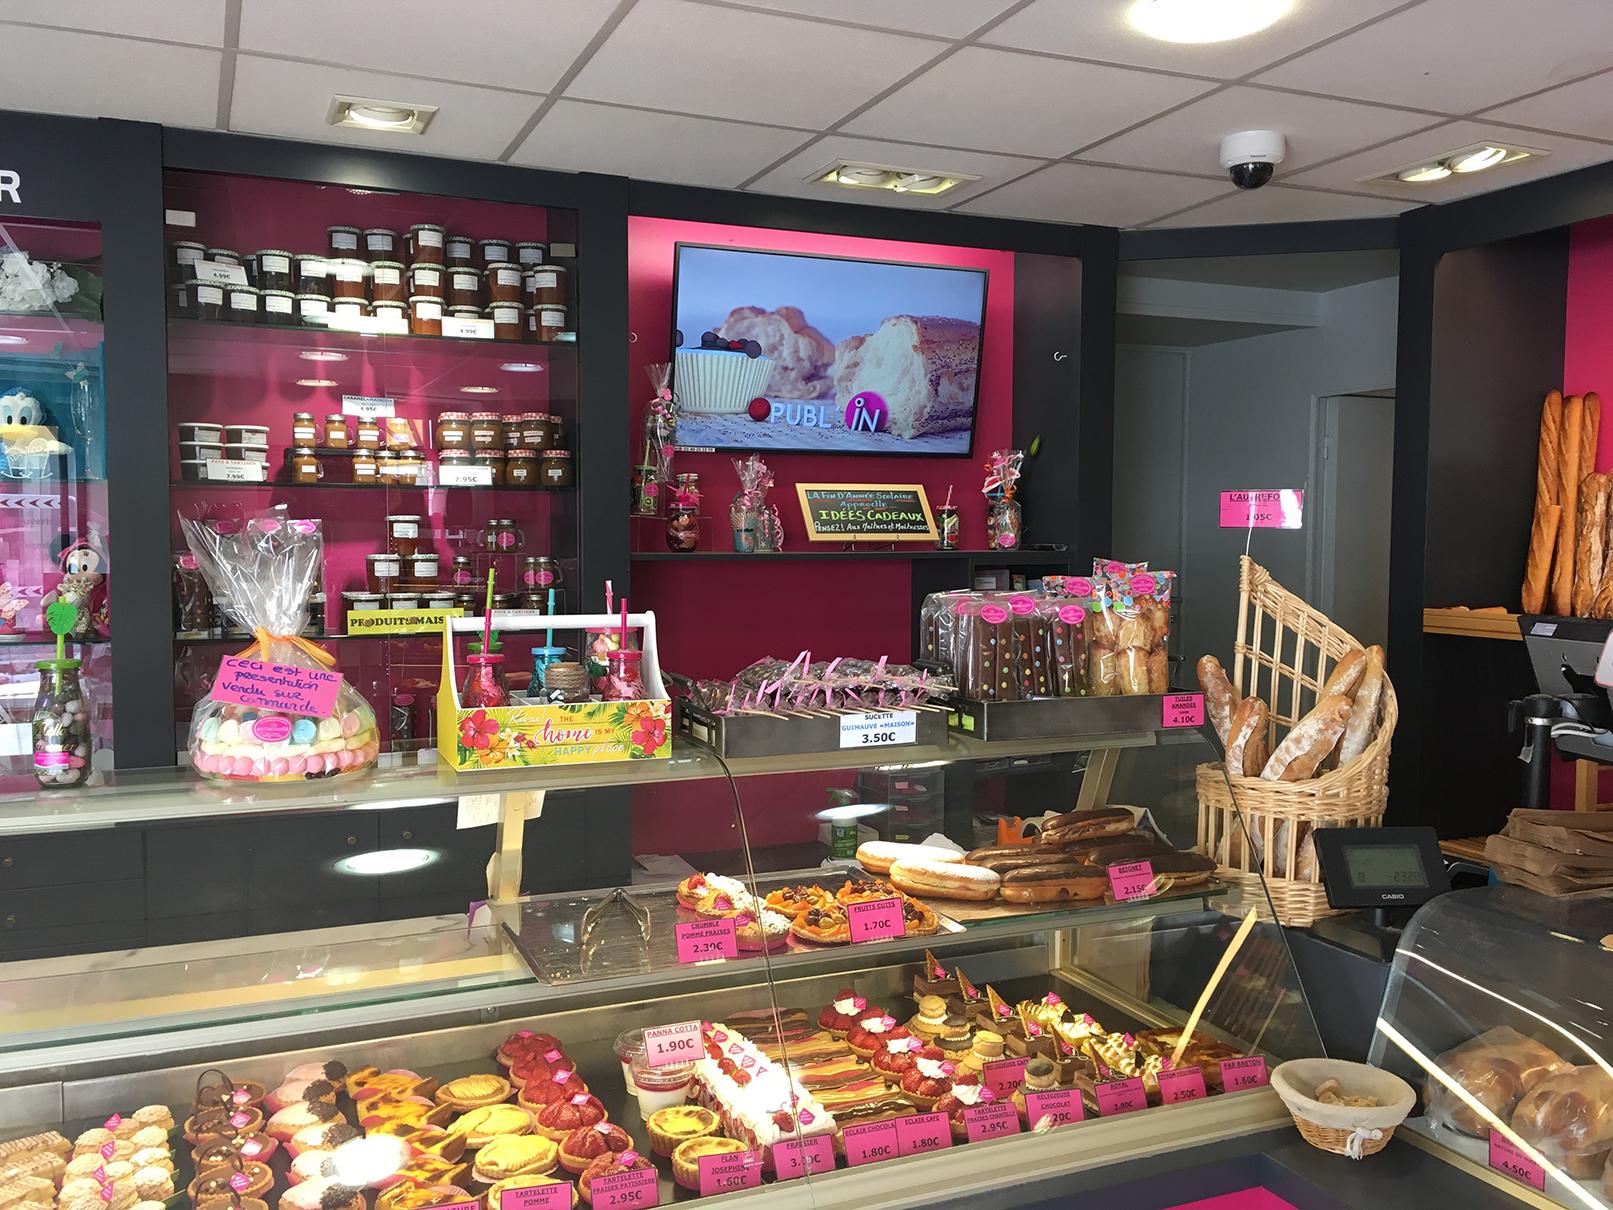 Publ'in - Boulangerie Saveurs d'antan